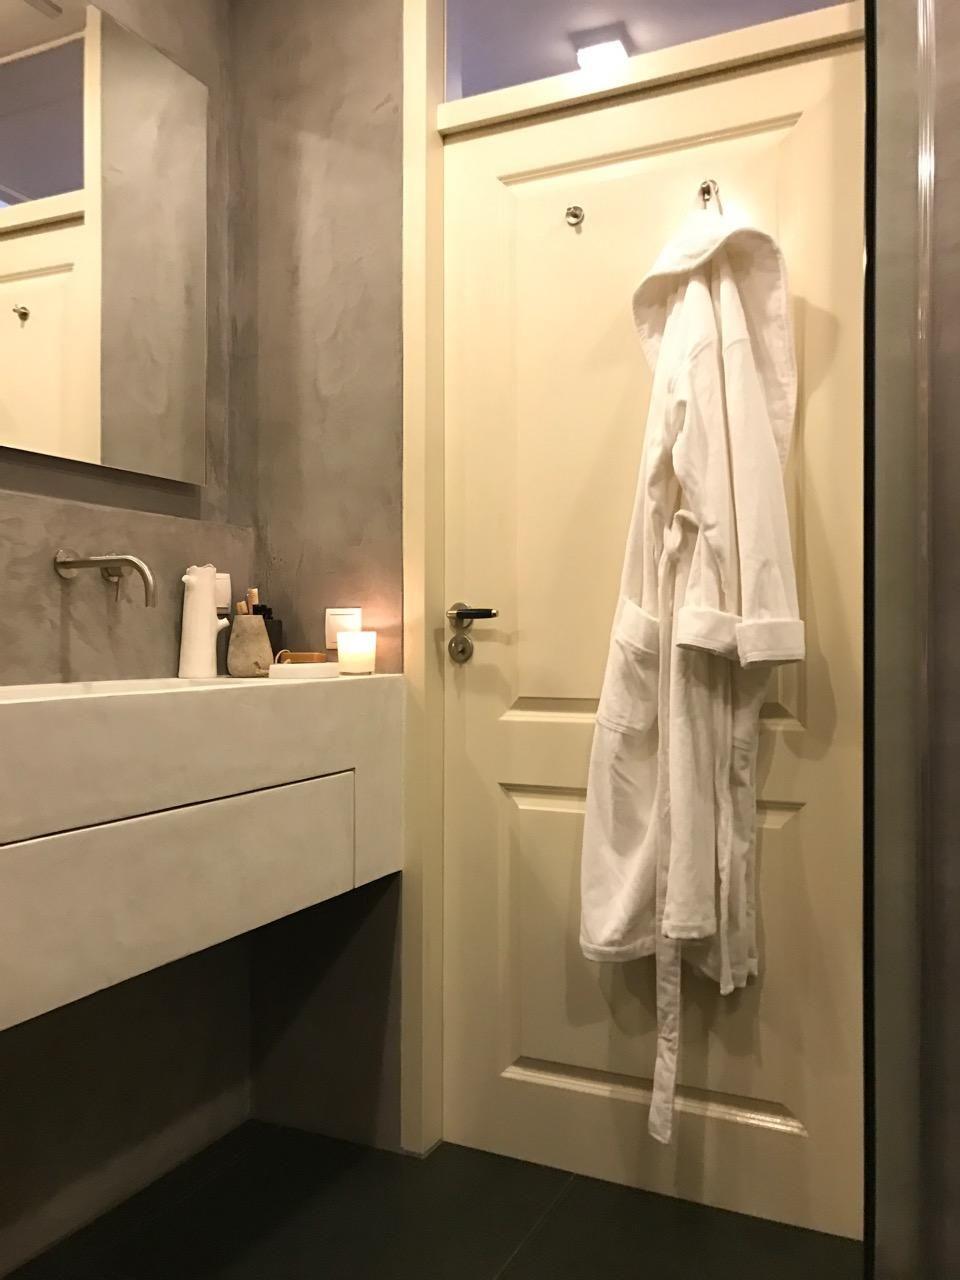 Hotel-chique badkamer (deel 2) - Eigen Huis en Tuin | reclame ...